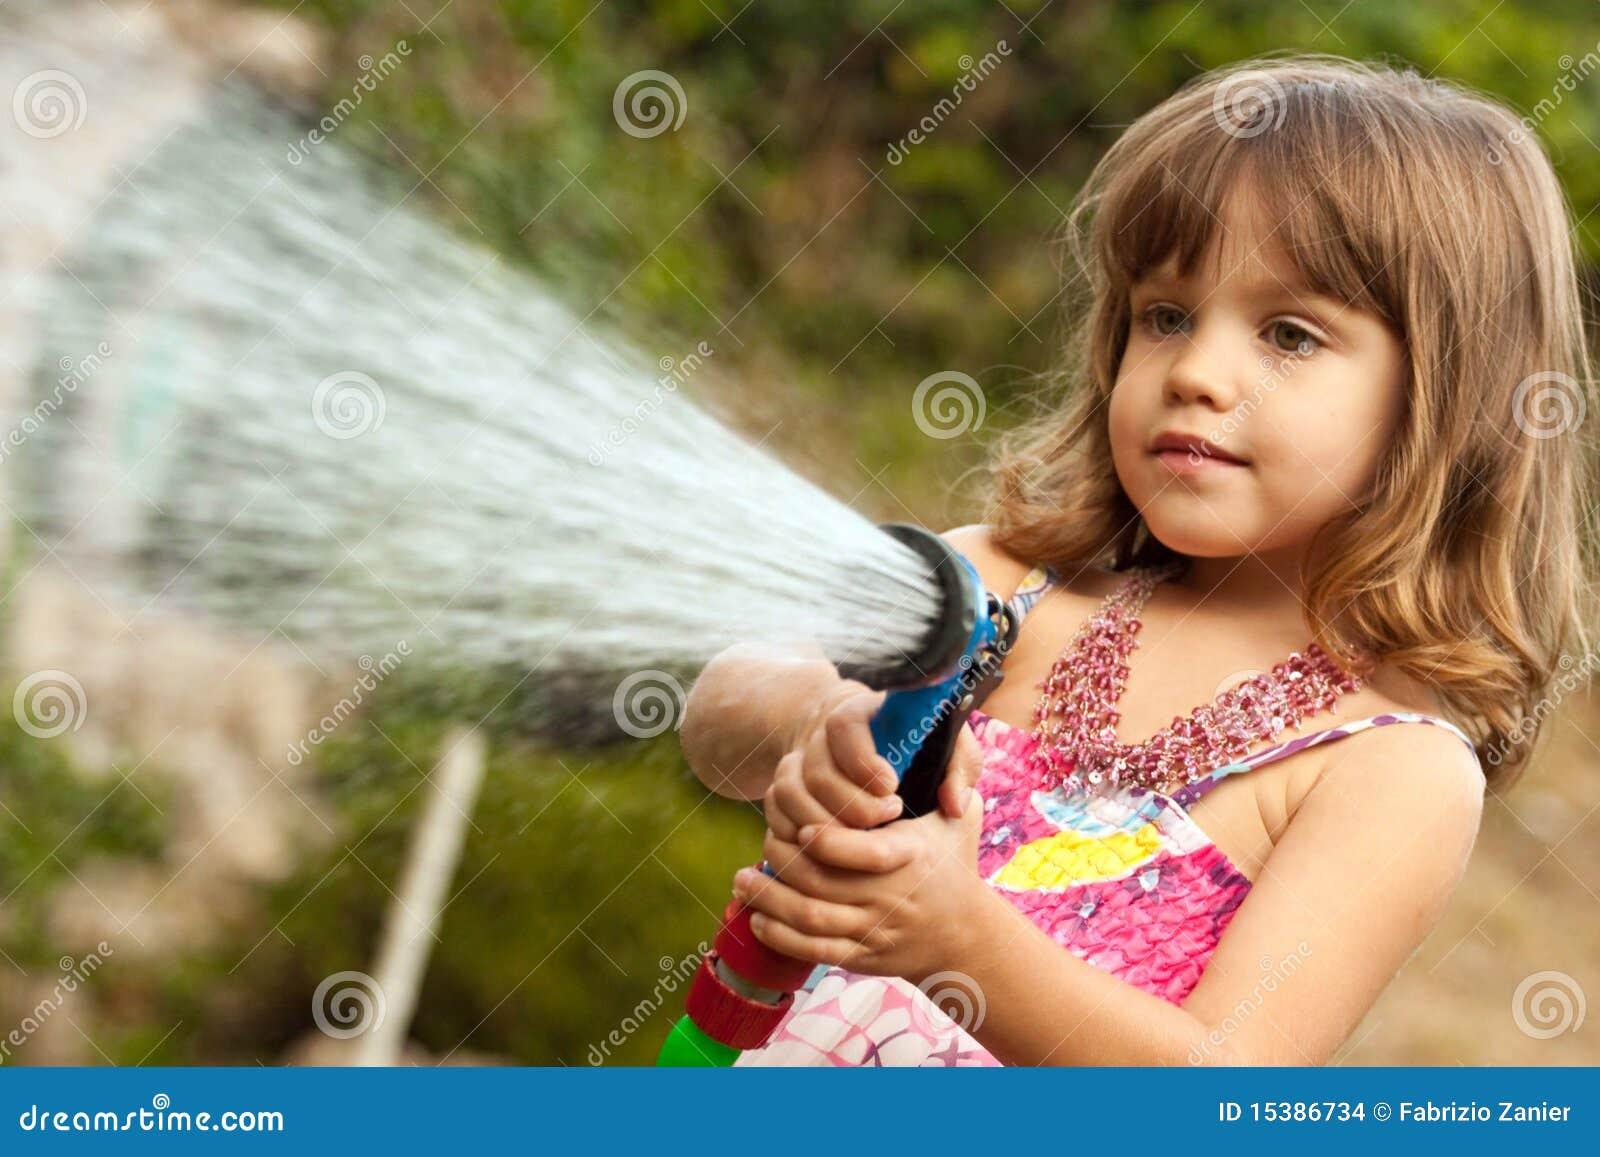 Kleines Mädchen, das mit Wasser spielt